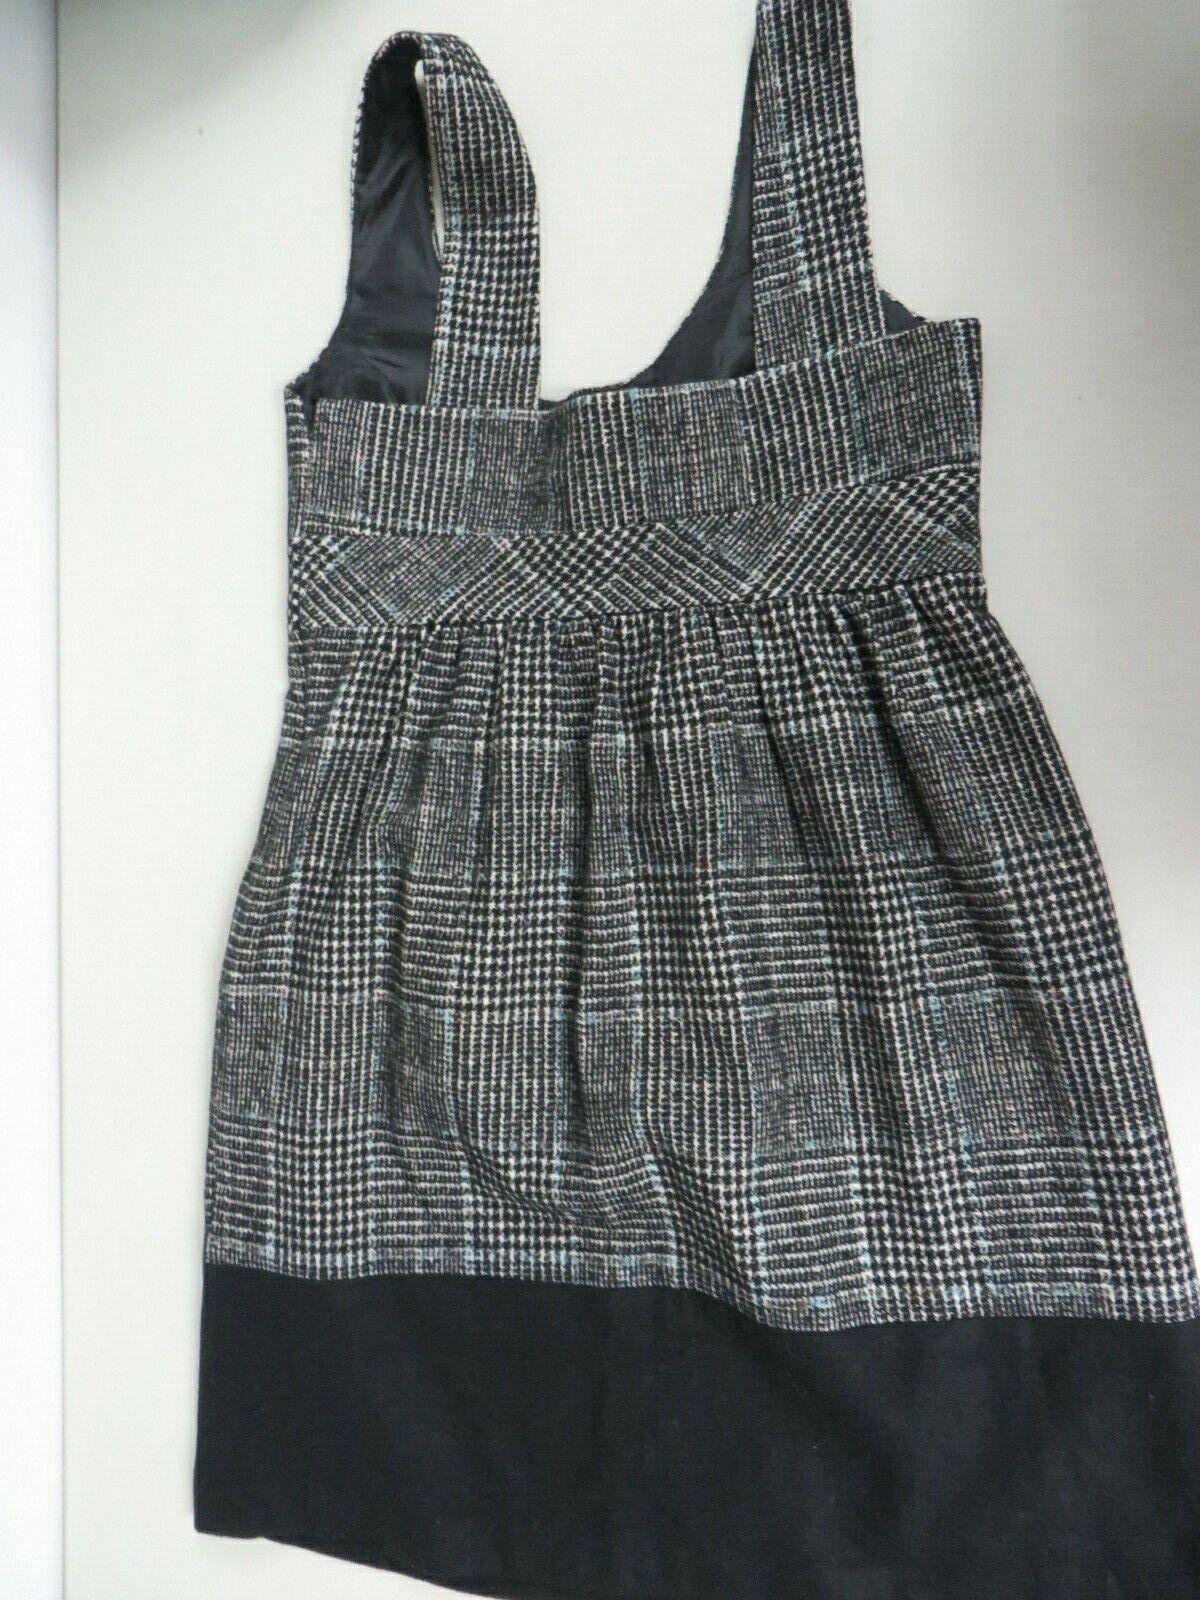 ZARA BASIC Wool blend Tweed Checkered Tartan  Bla… - image 3